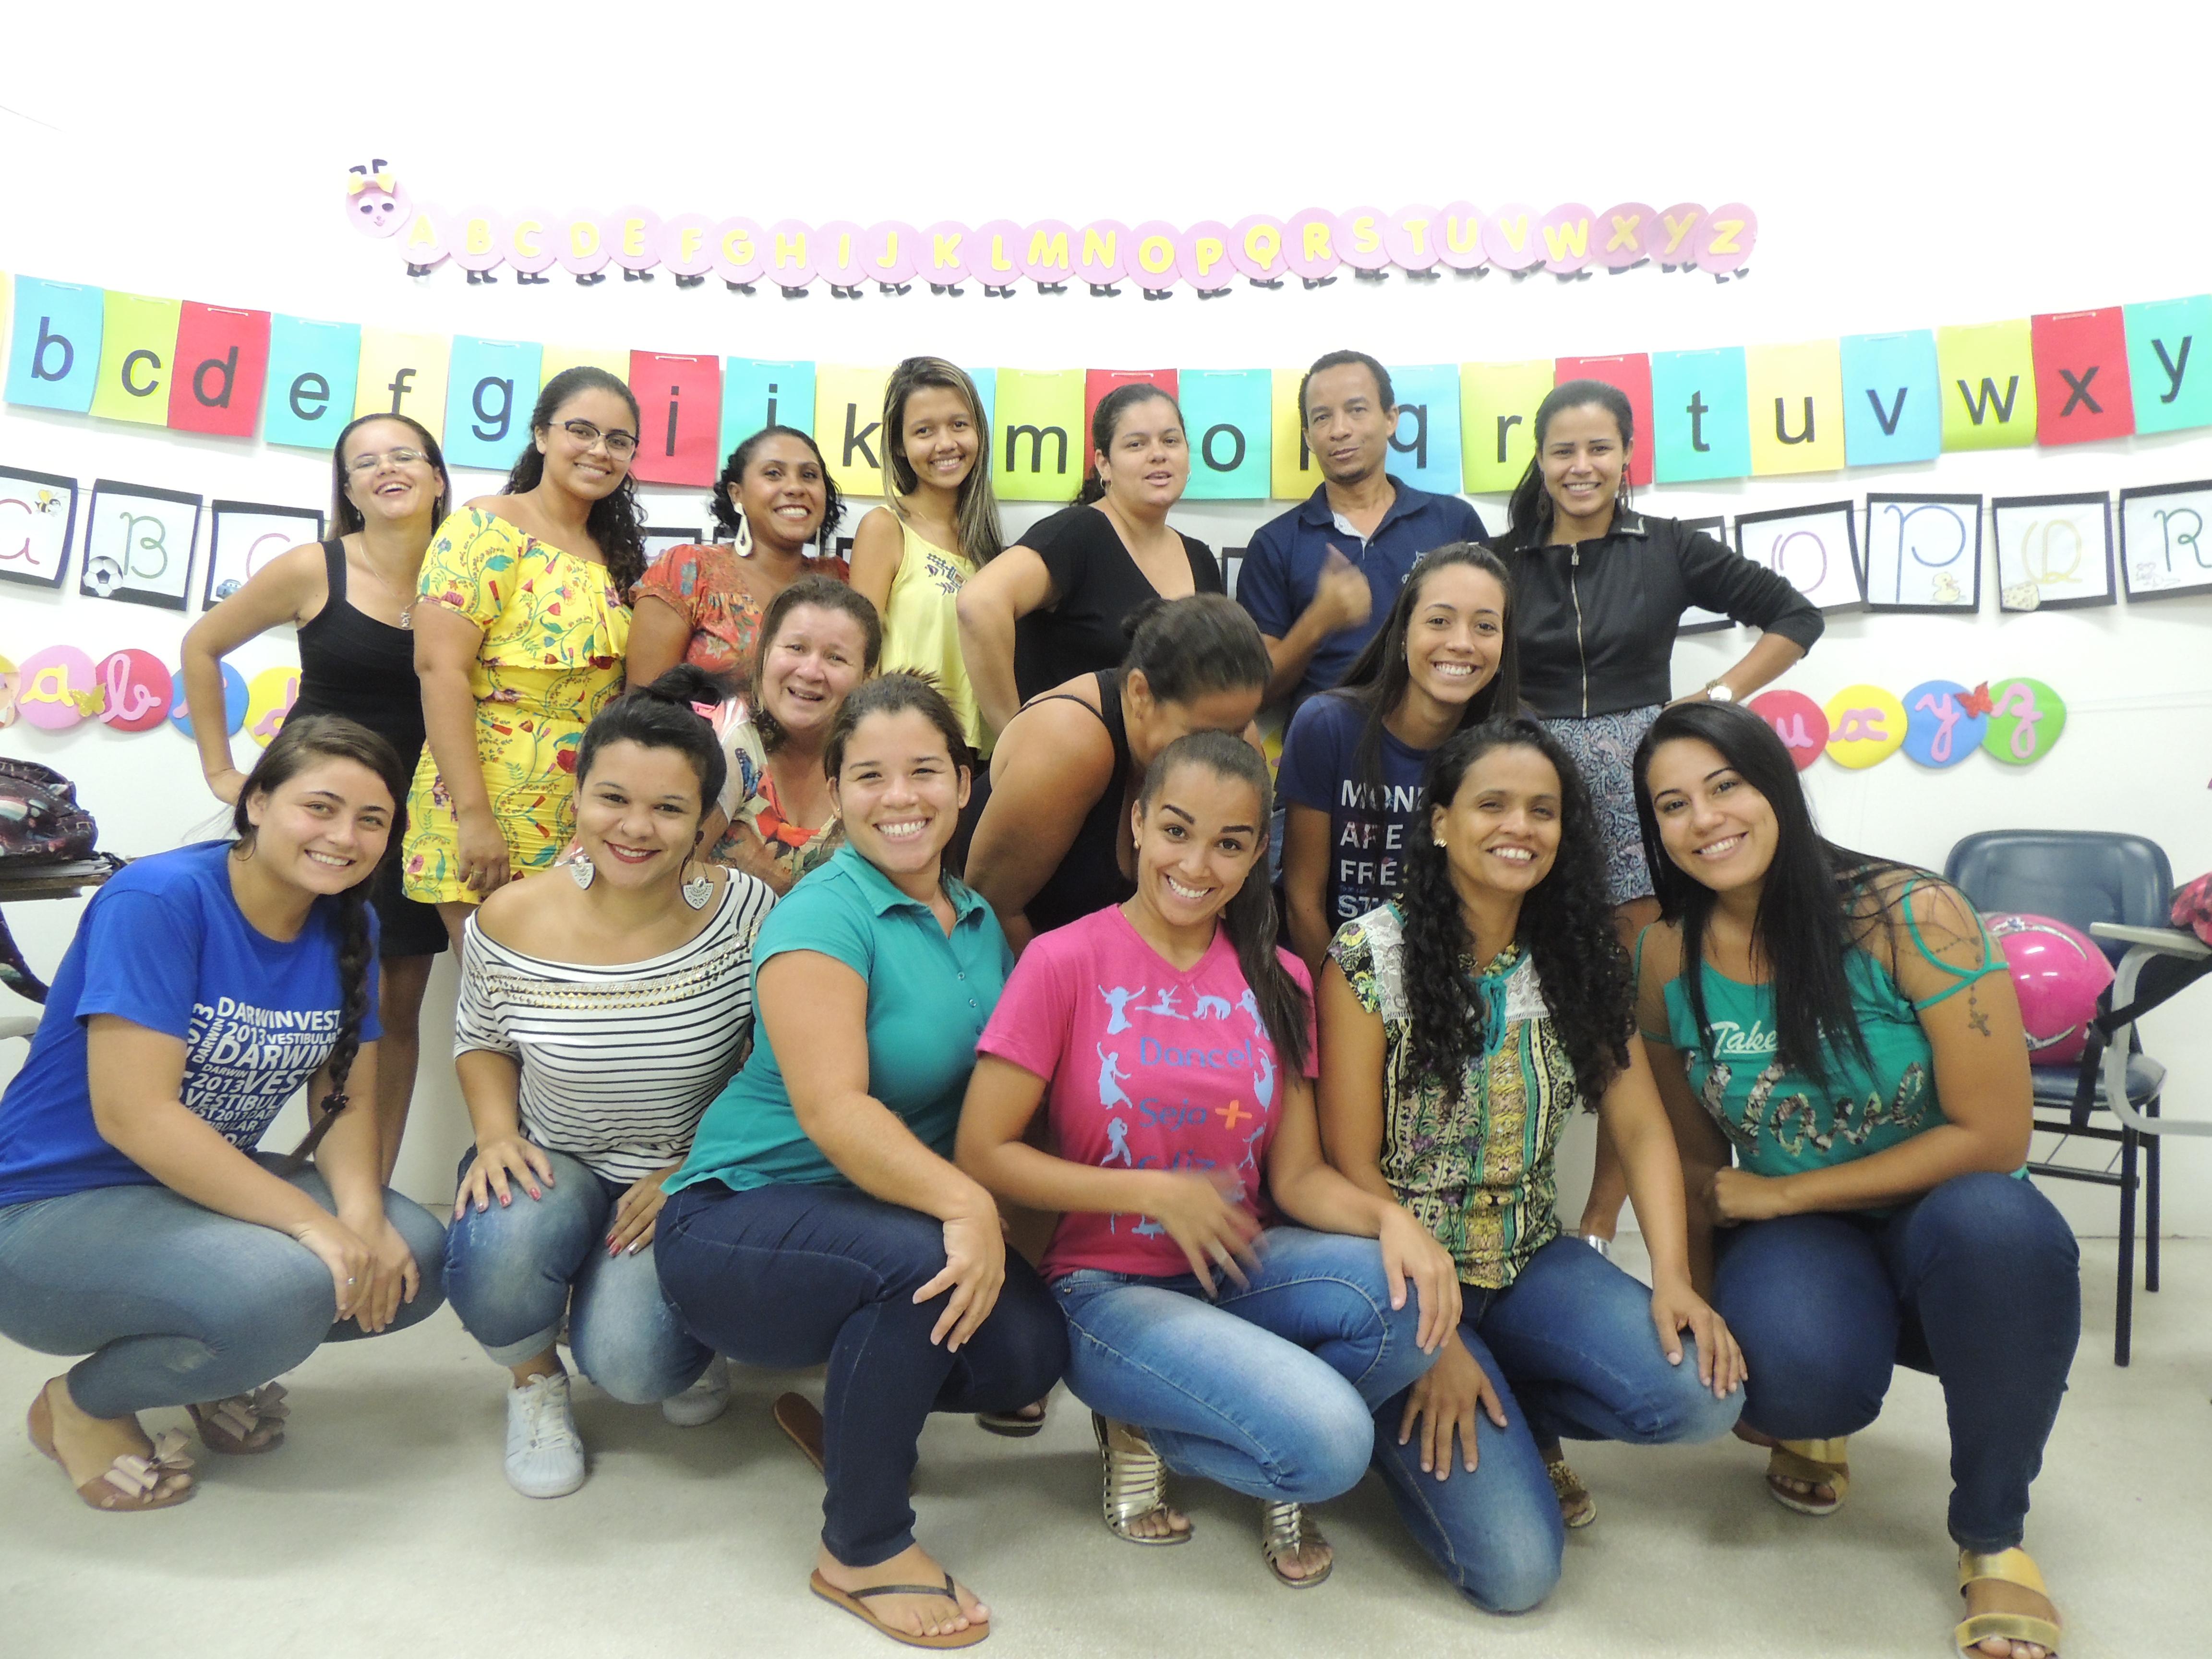 Práticas Alfabetizadoras movimentam aulas na Pedagogia